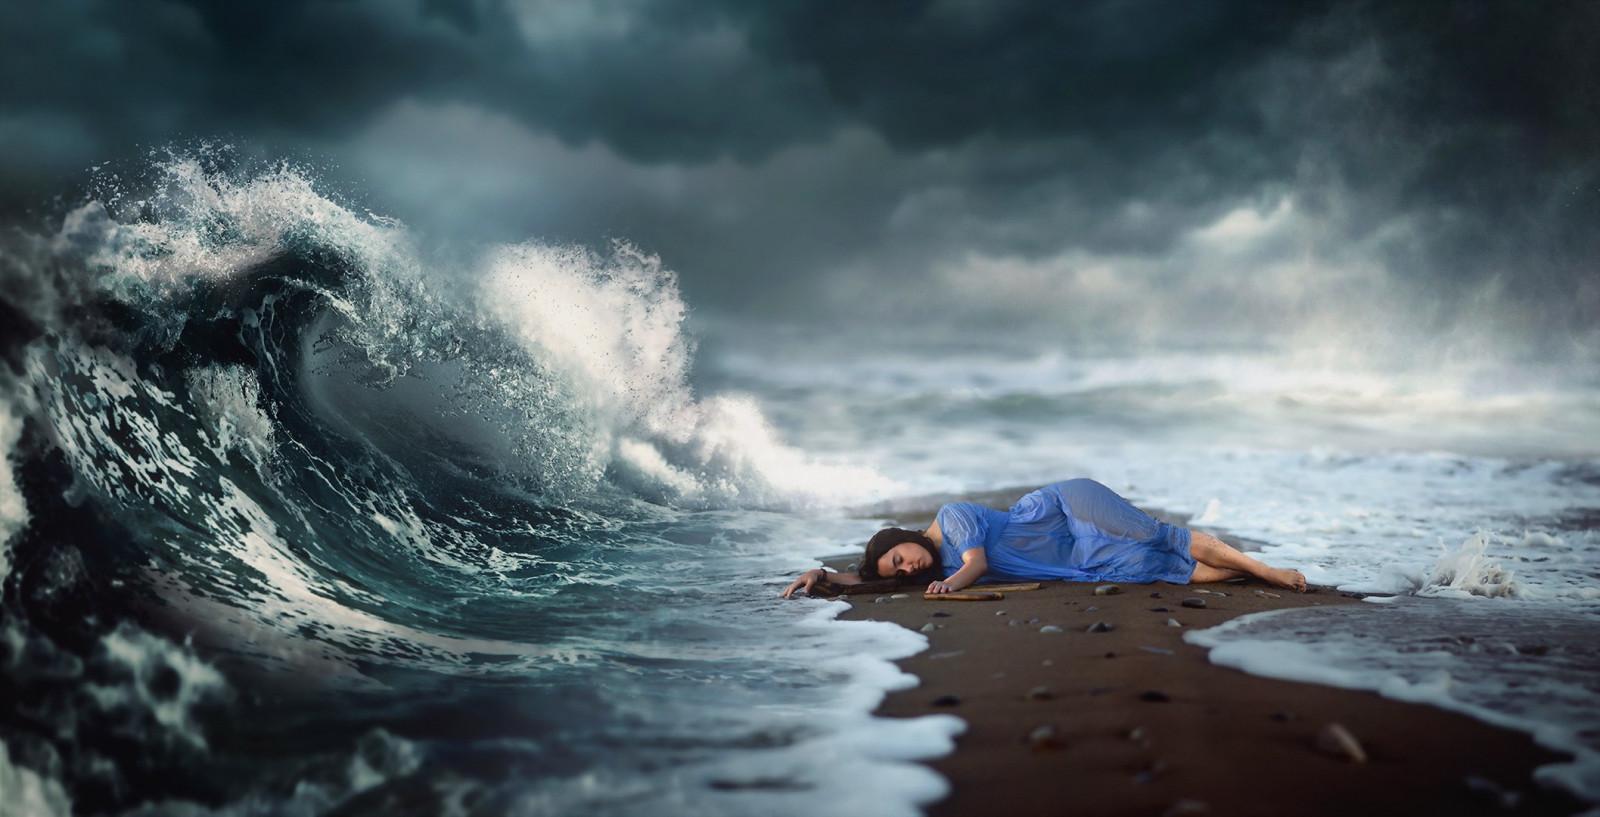 нем увидеть во сне море с волнами видов